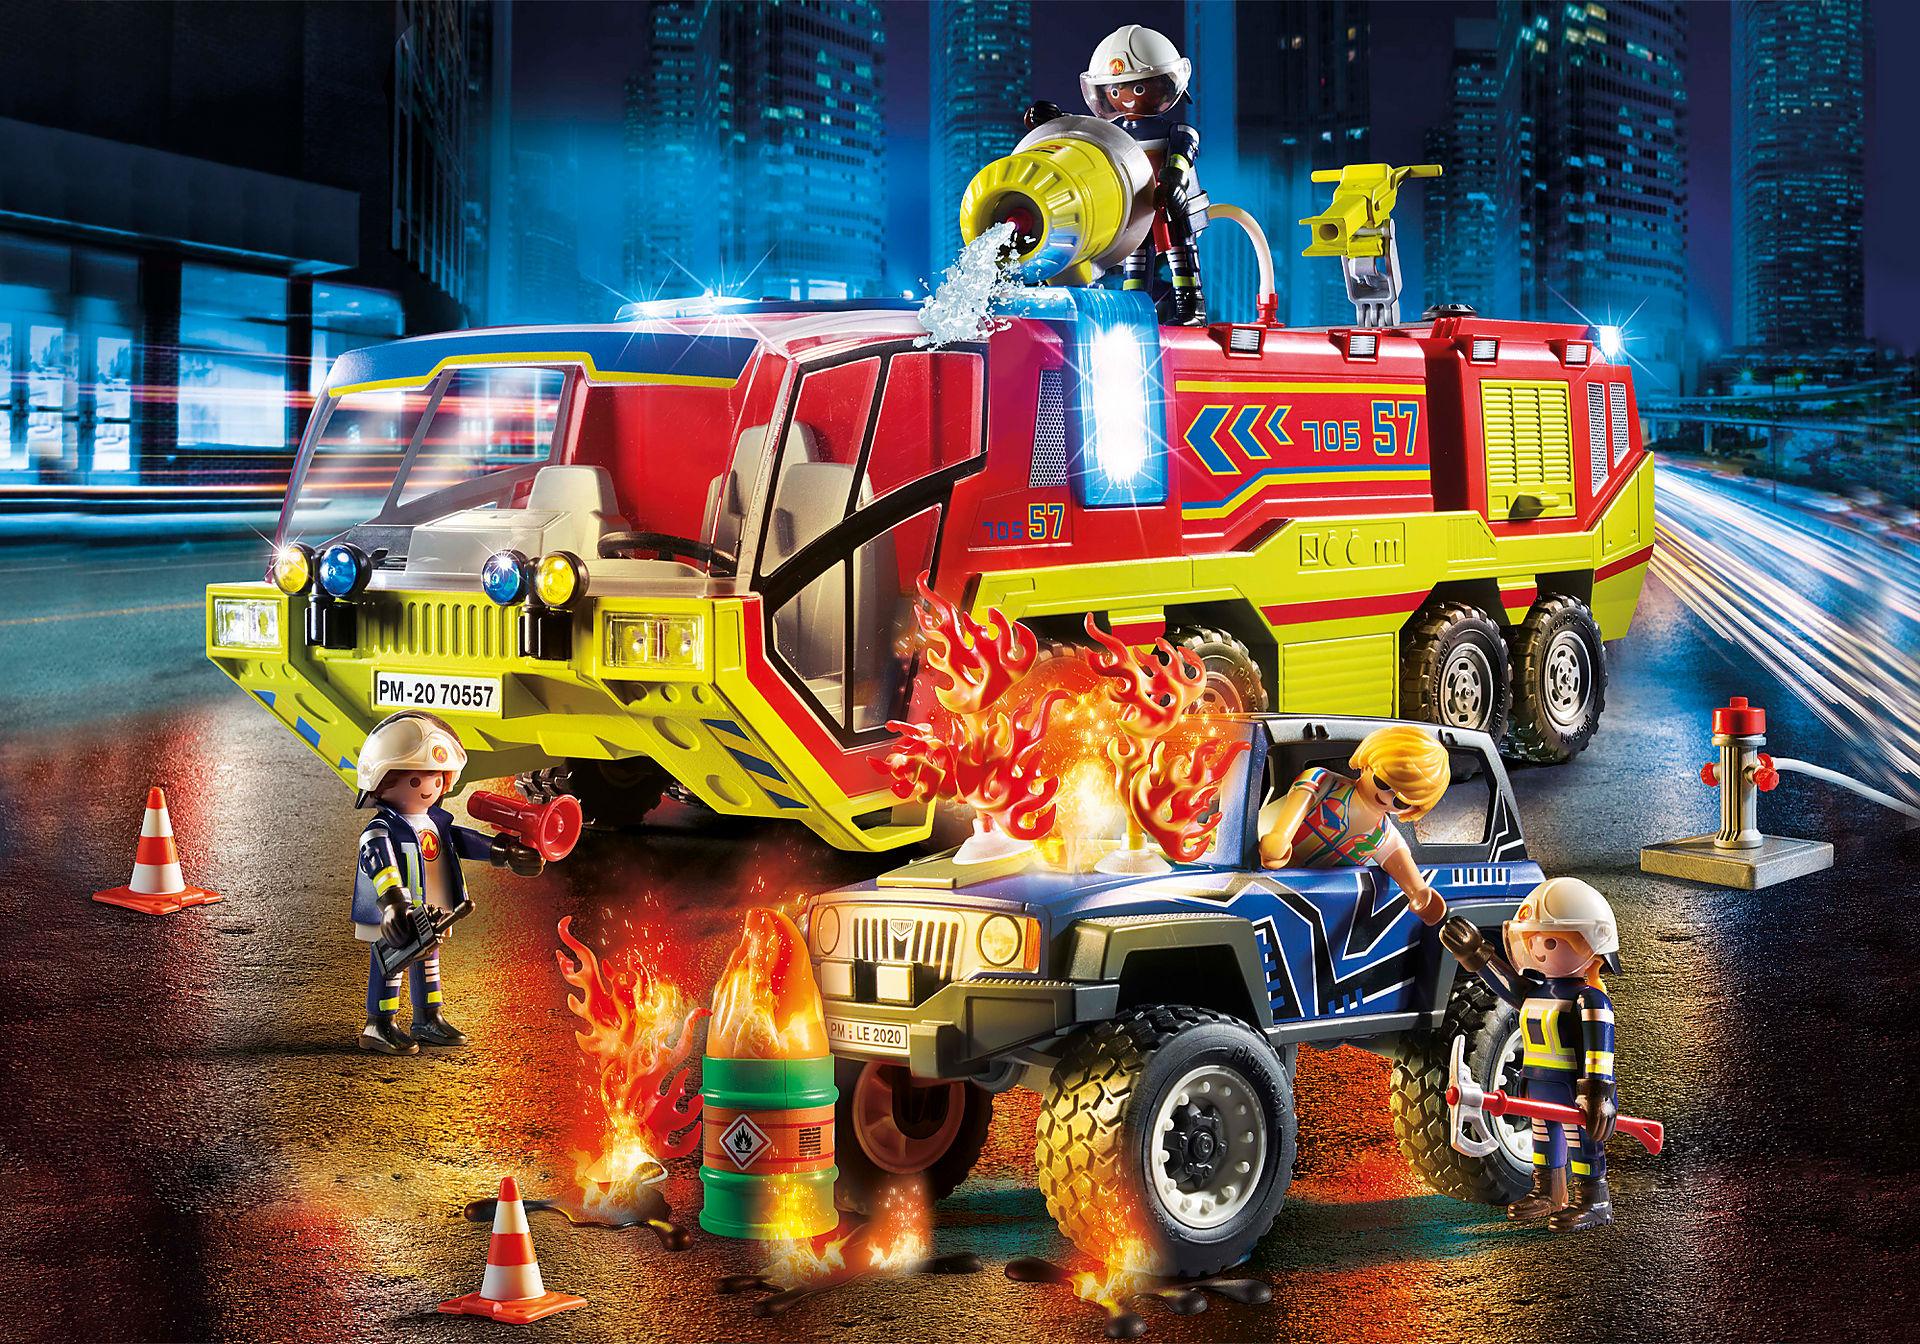 70557 Feuerwehreinsatz mit Löschfahrzeug zoom image1